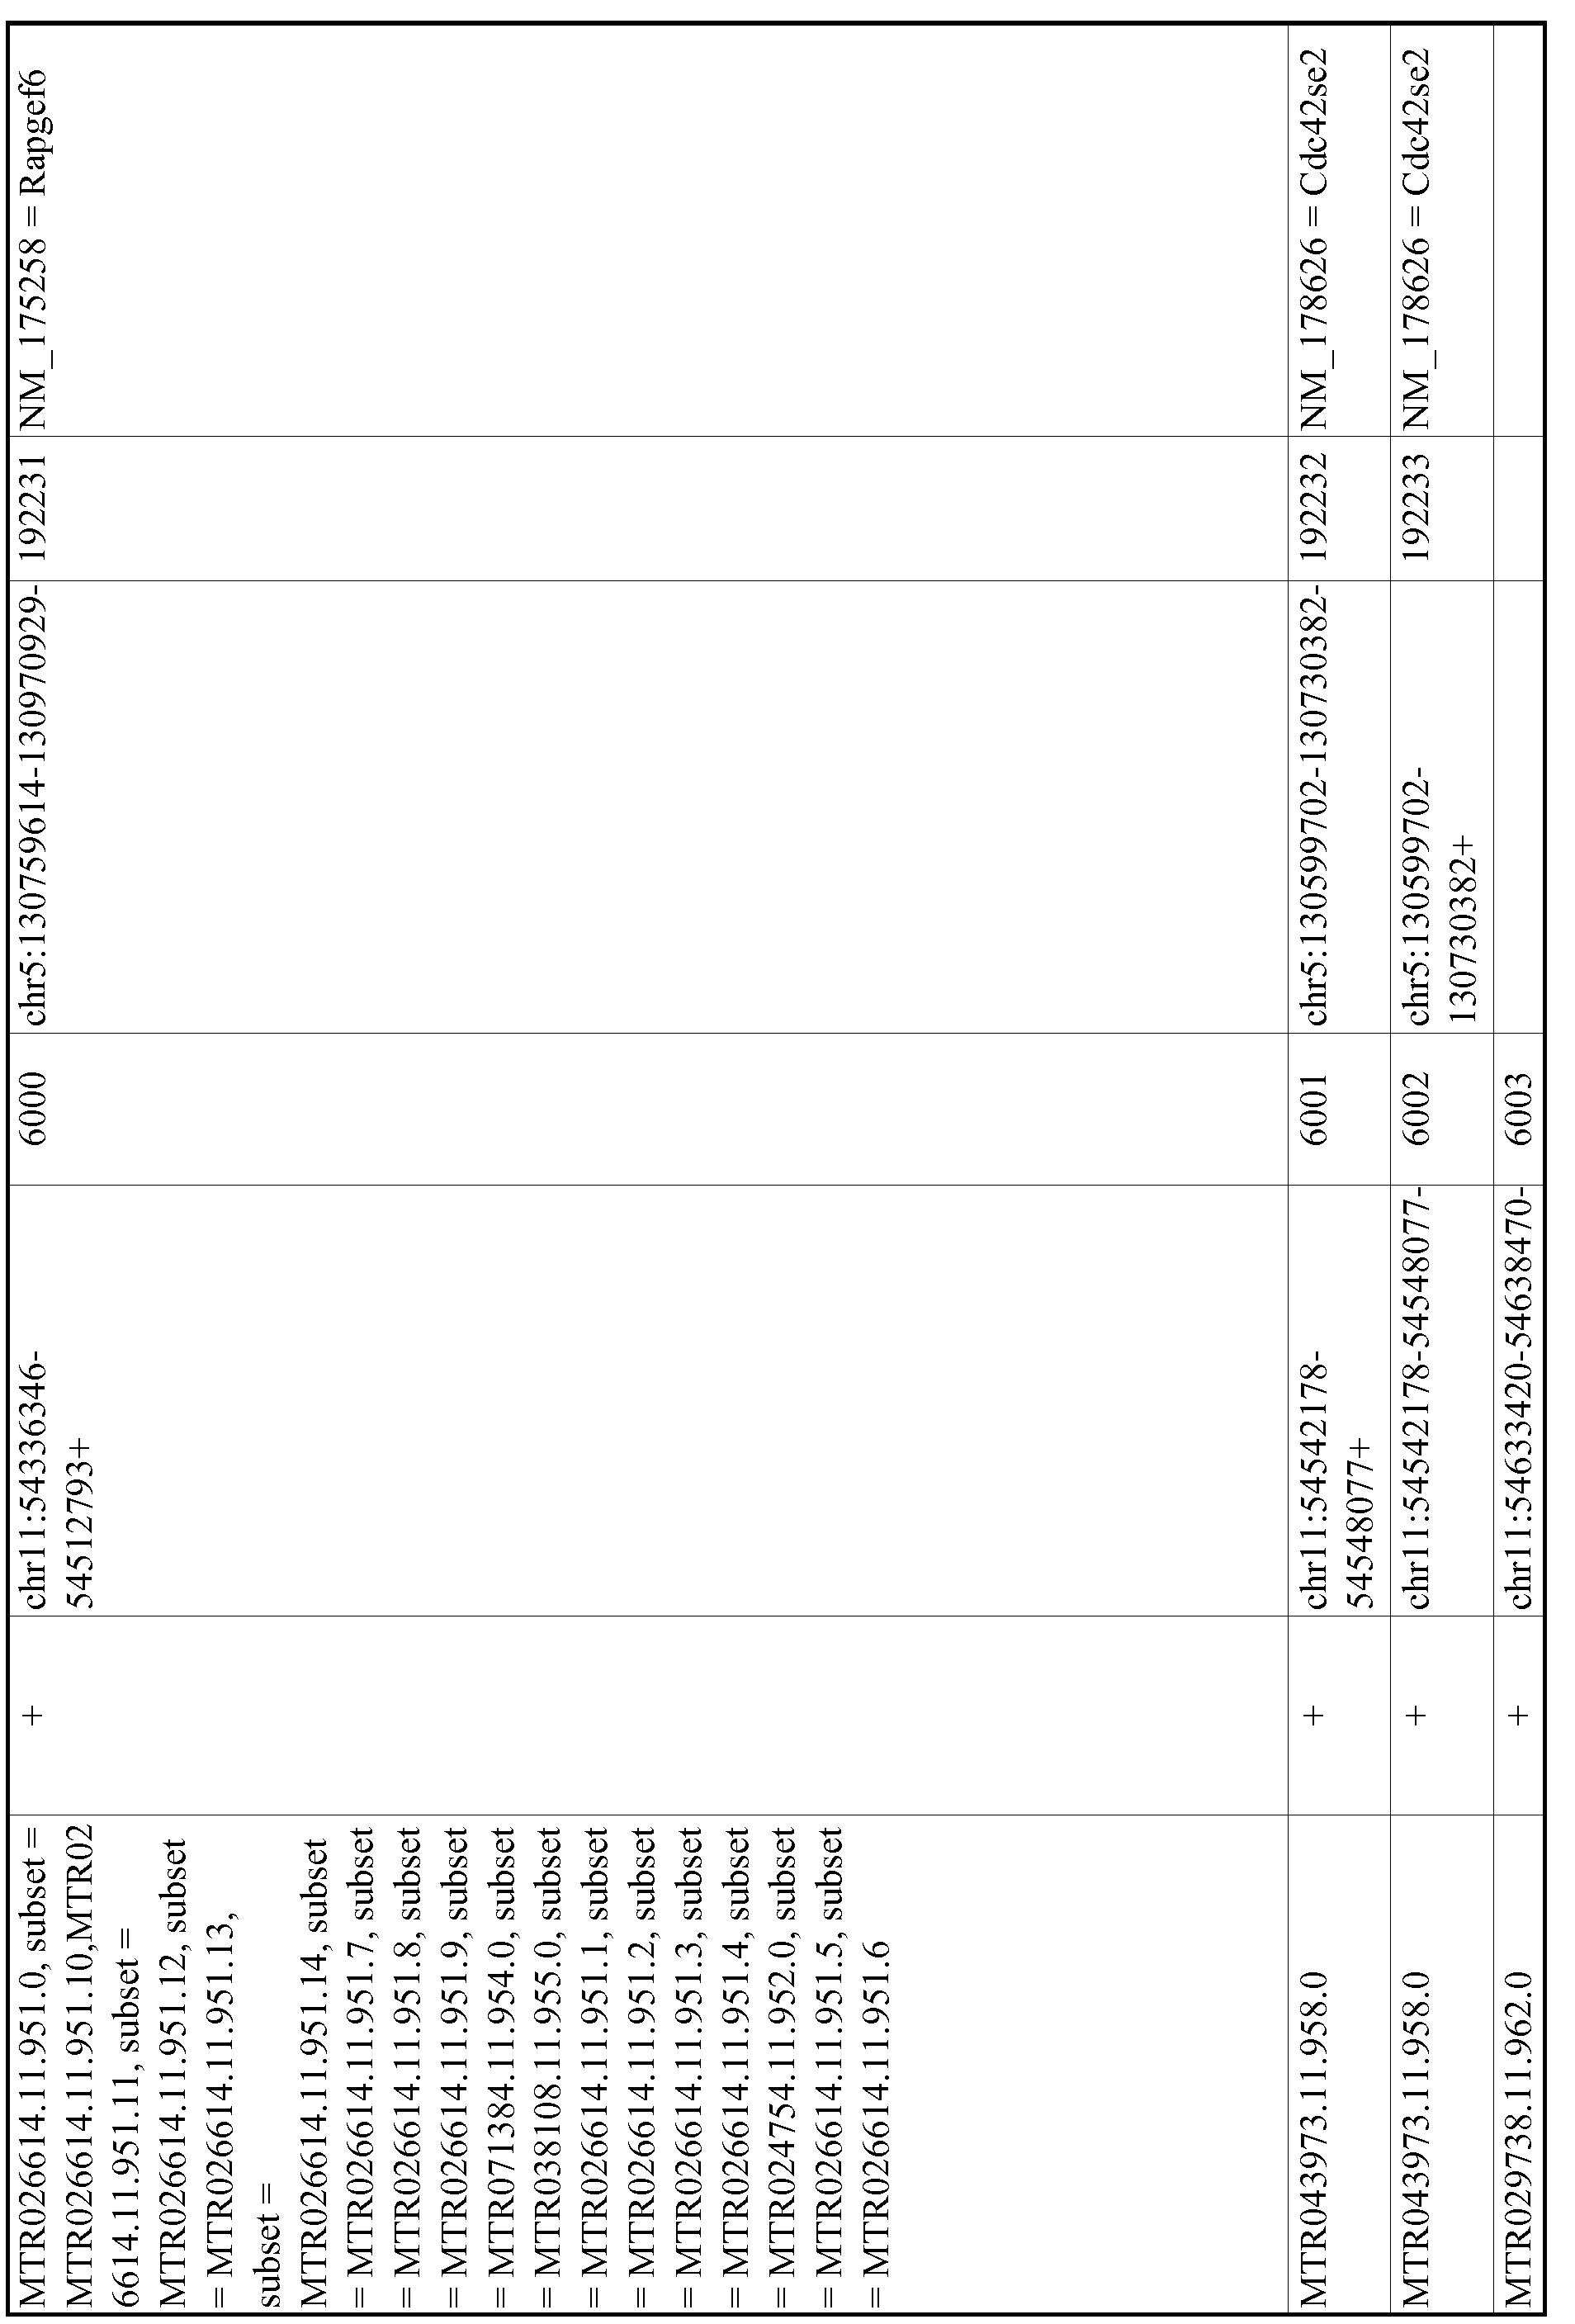 Figure imgf001080_0001